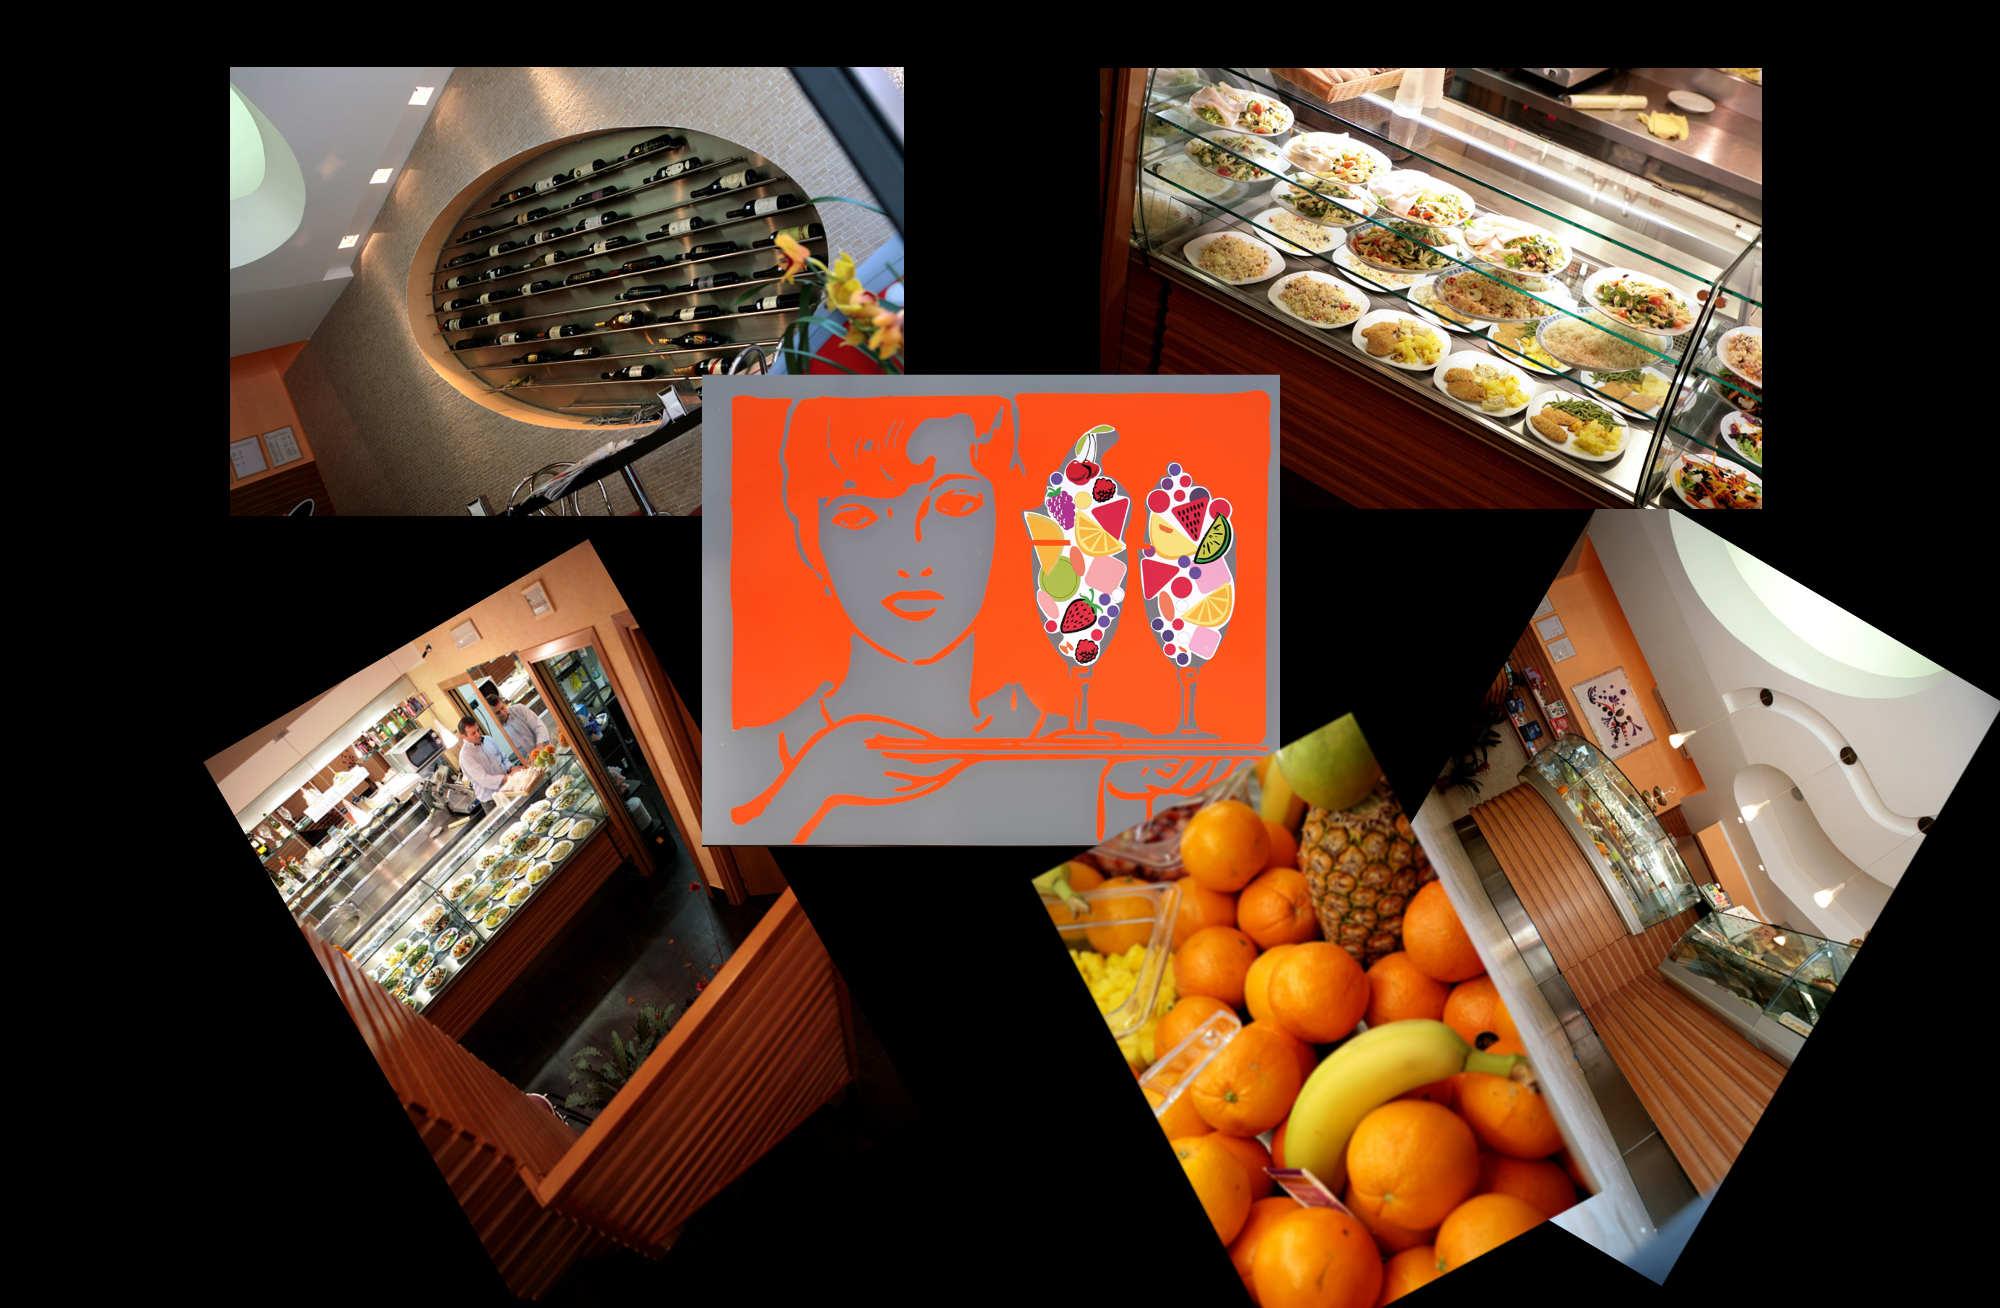 Arredamento tavola calda e fredda fruit bar roma for Arredamento bar roma